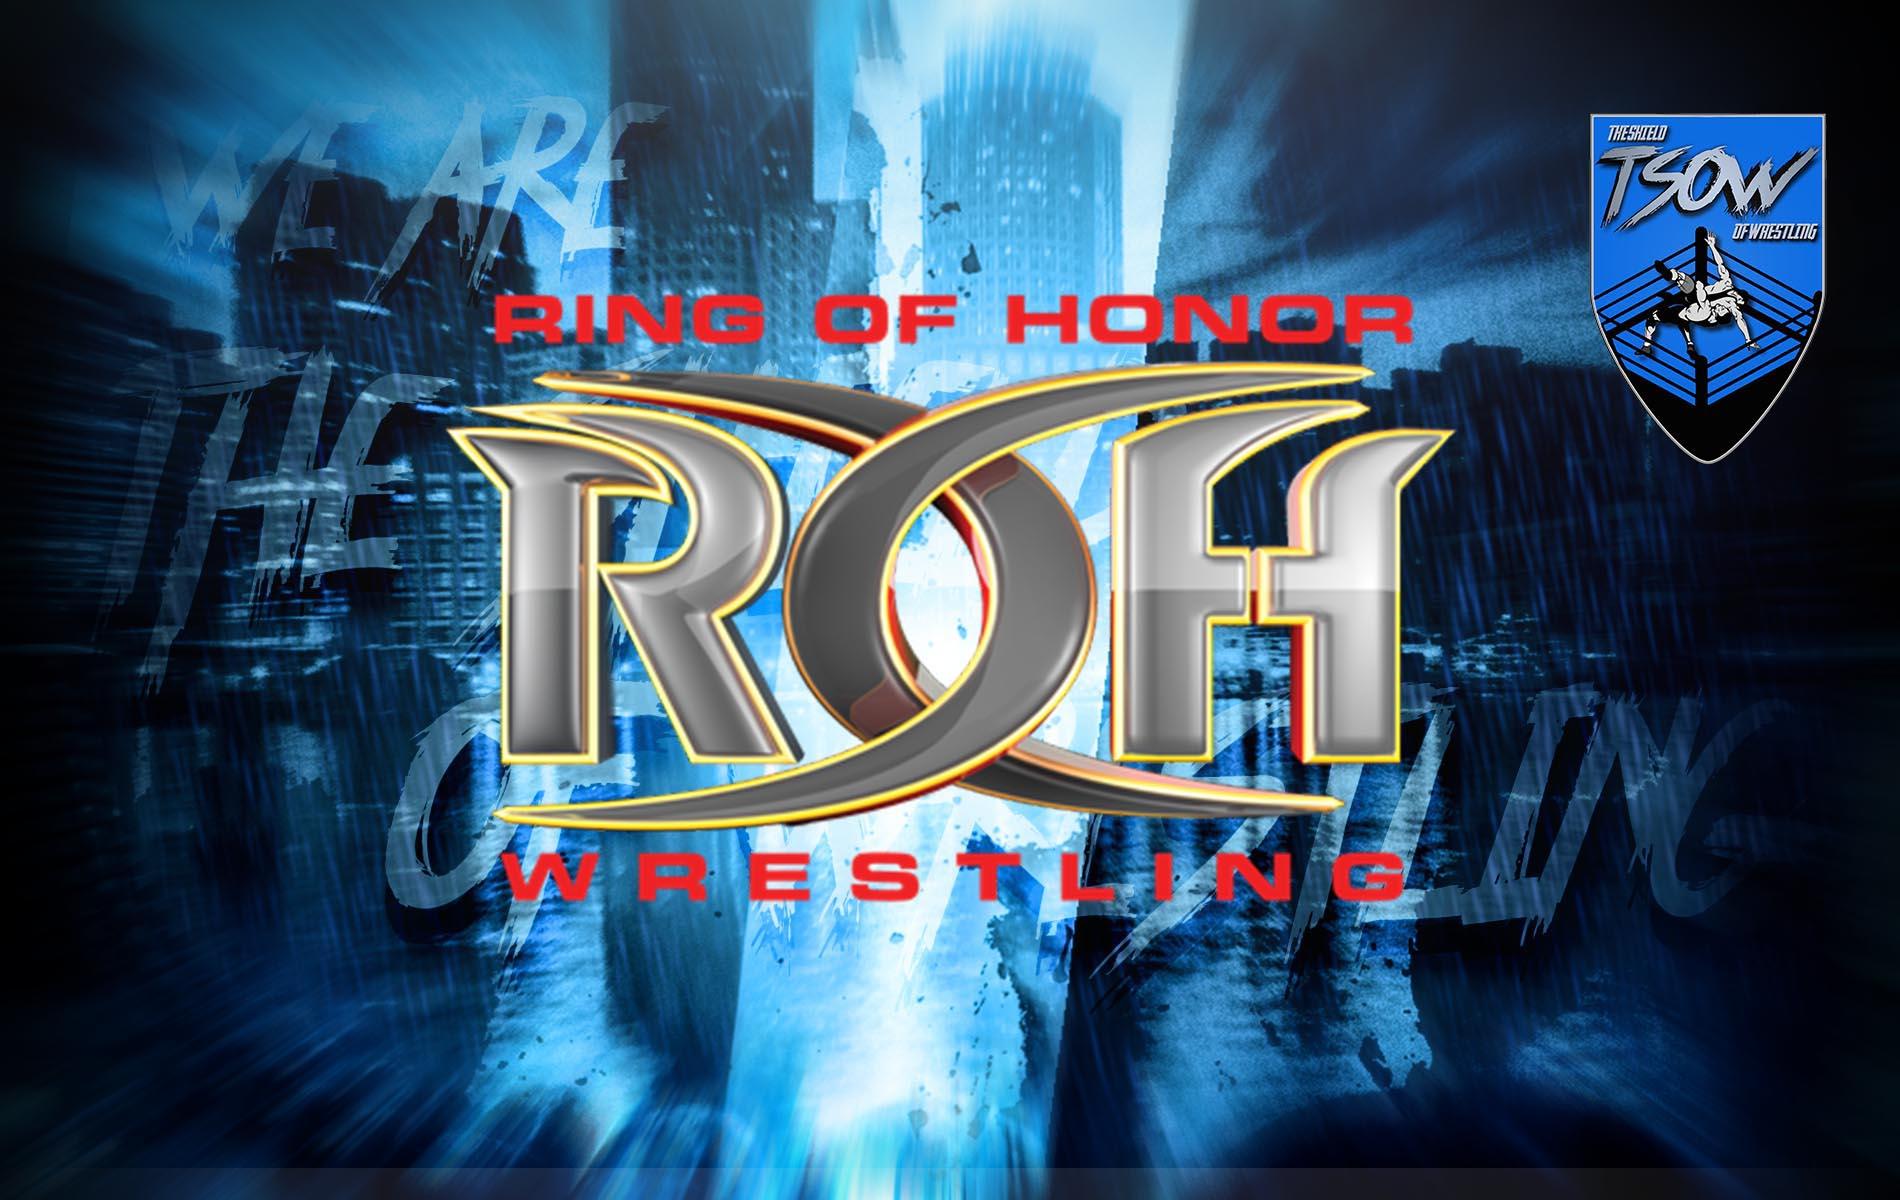 ROH 19th Anniversary Show - Risultati dell'evento